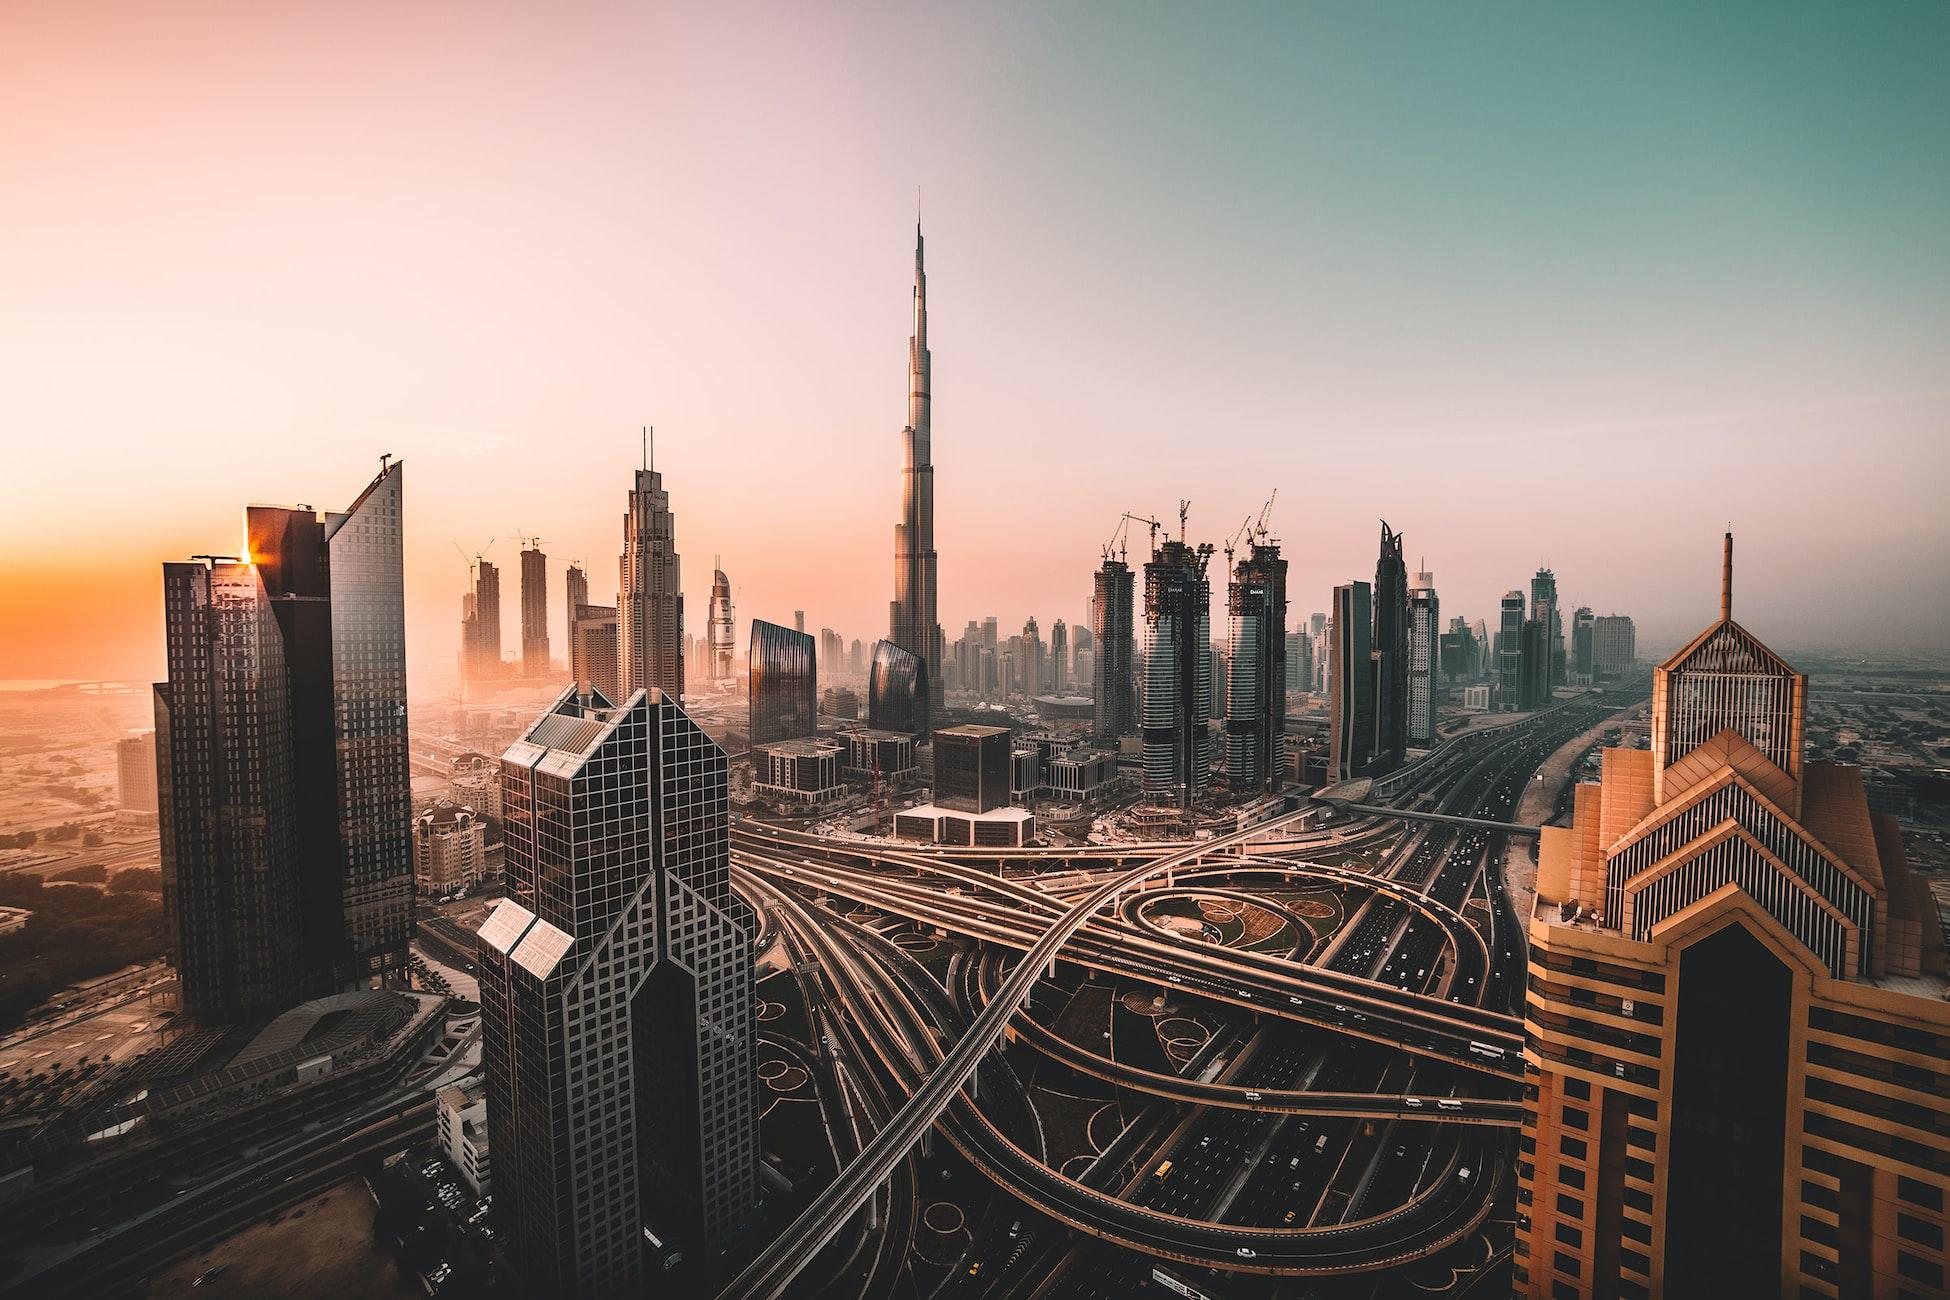 Dubai, UAE skyline